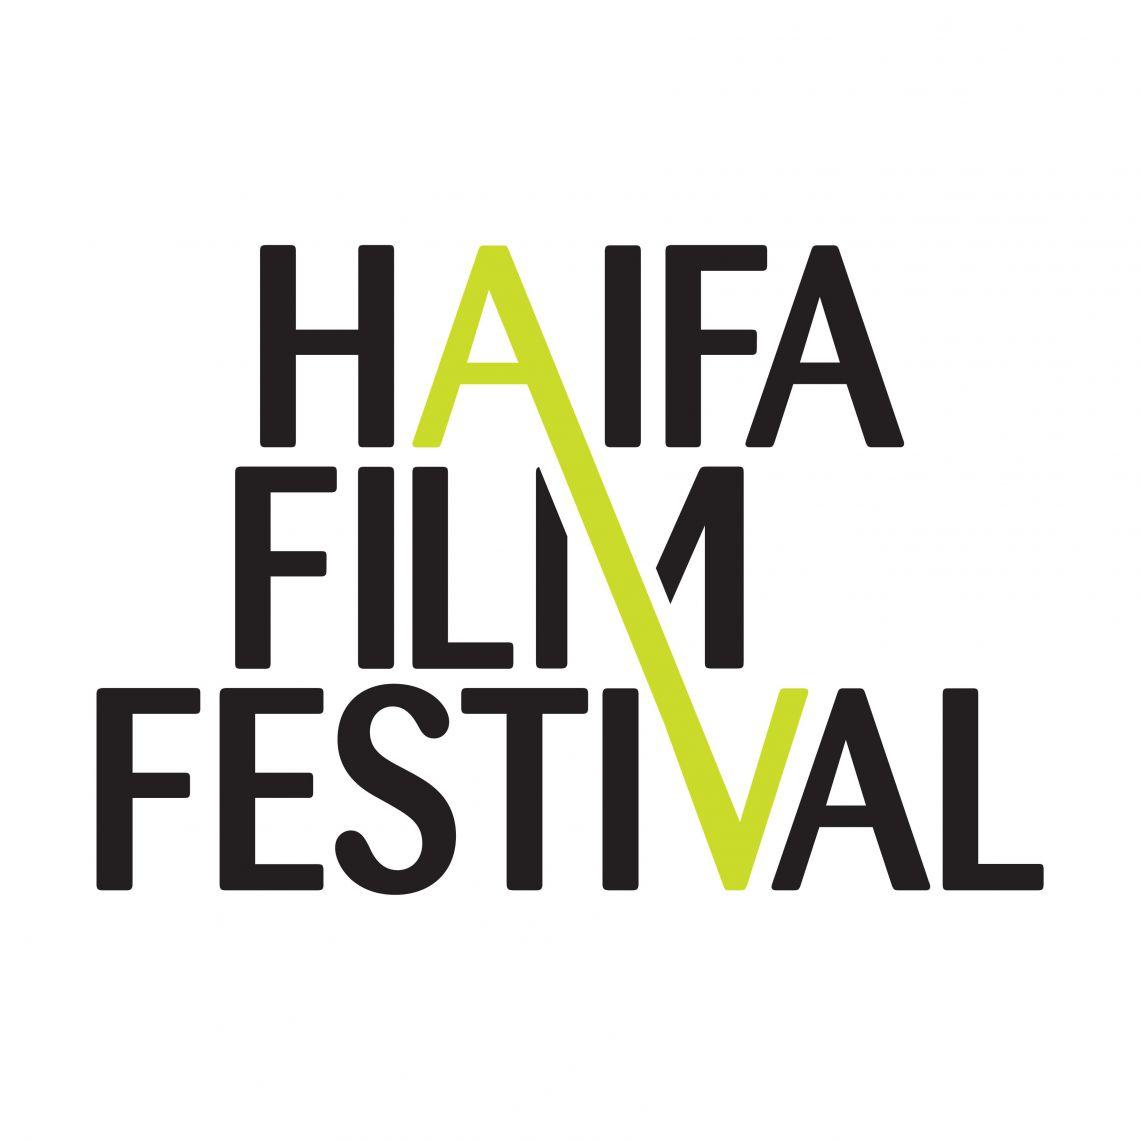 haifa.jpg